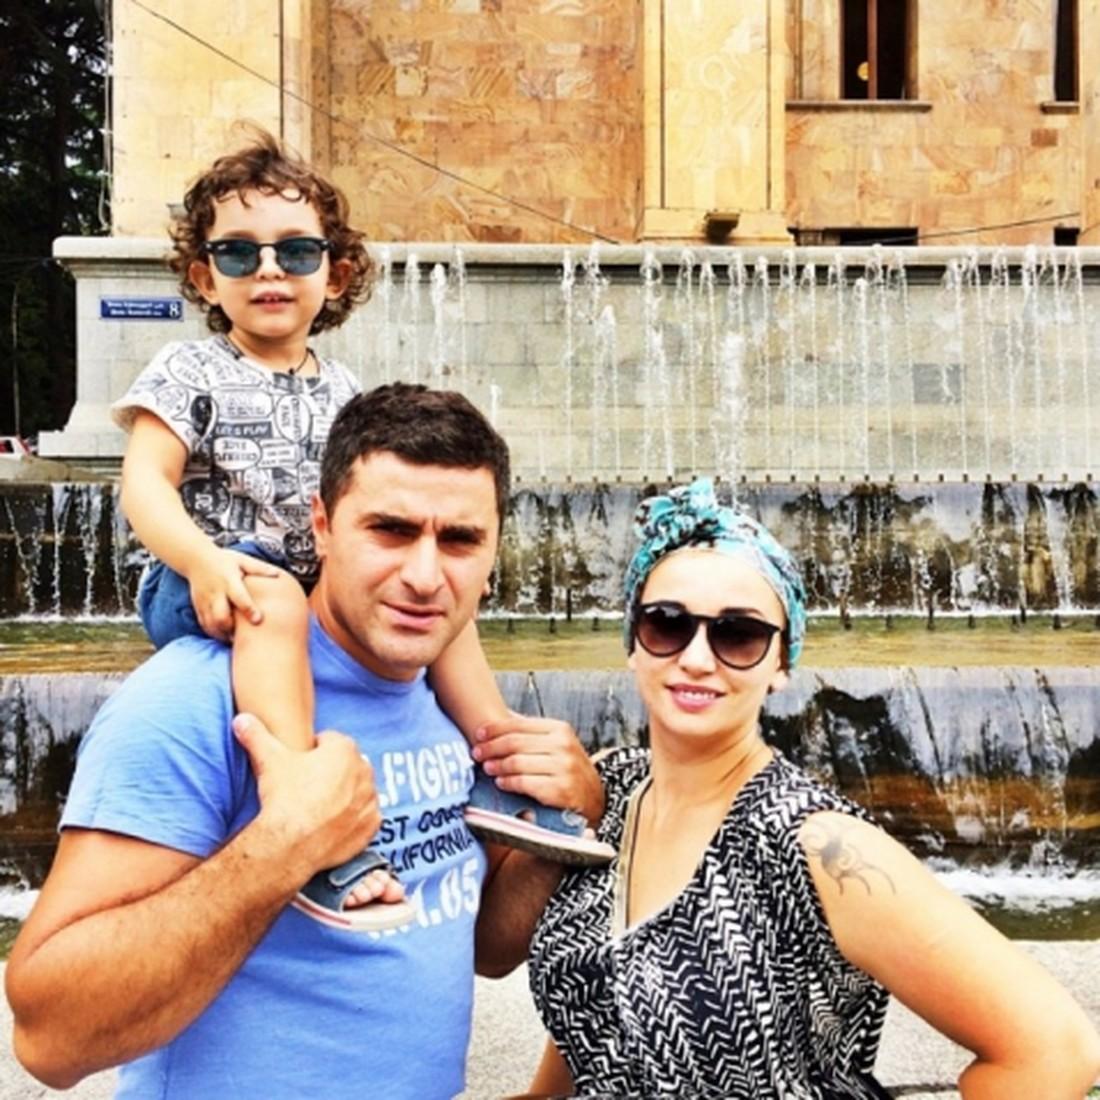 Муж Анфисы Чеховой - фото, дети, личная жизнь